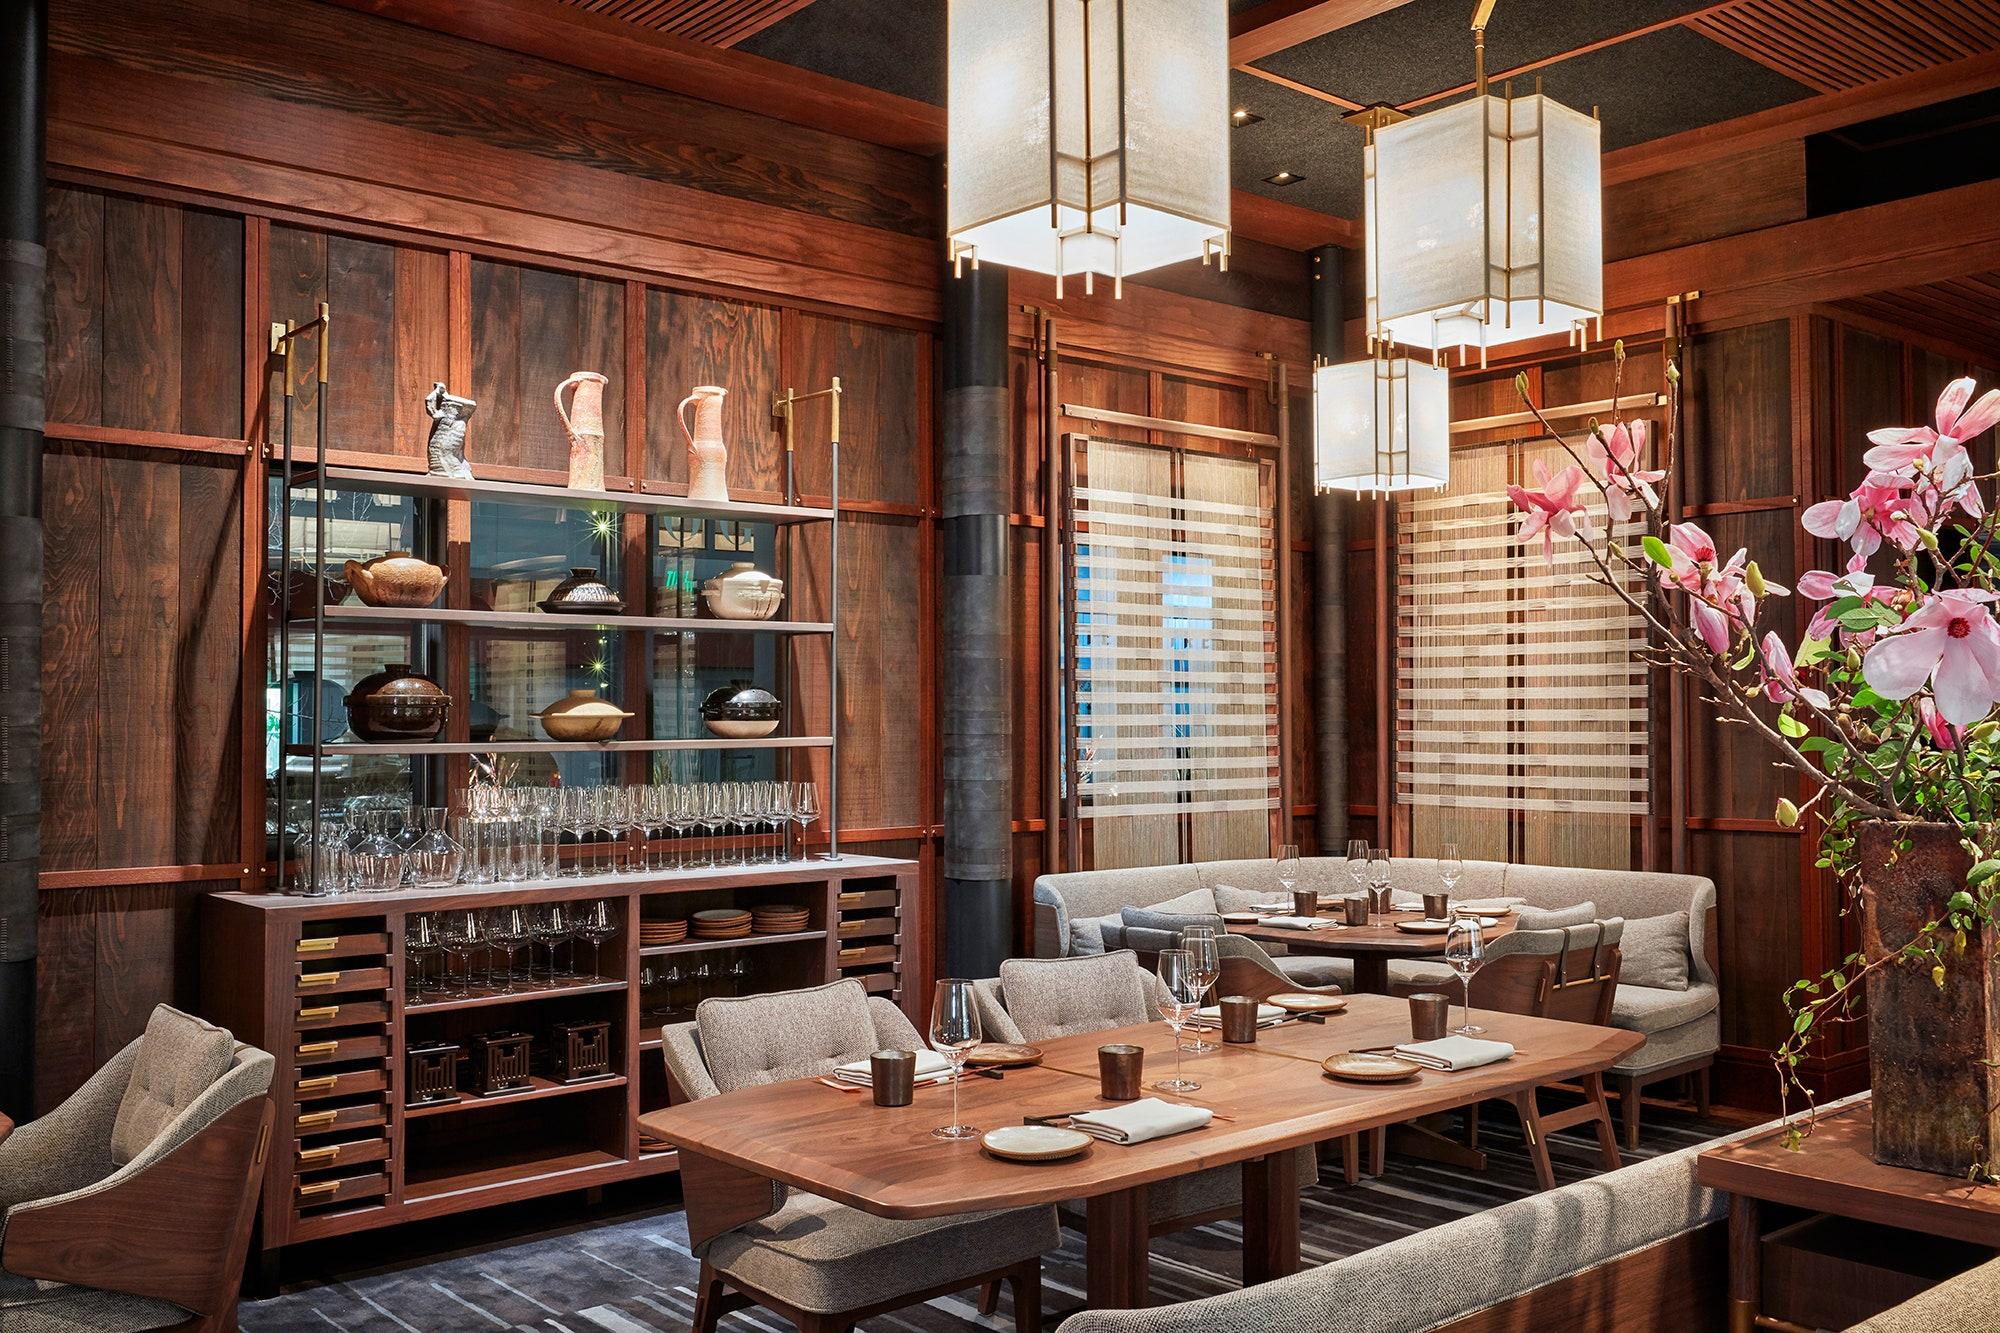 Single Thread California restaurante con 3 estrellas Michelin, los mejores restaurantes del mundo, los mejores restaurantes en estados unidos - Wedding Hub - 013